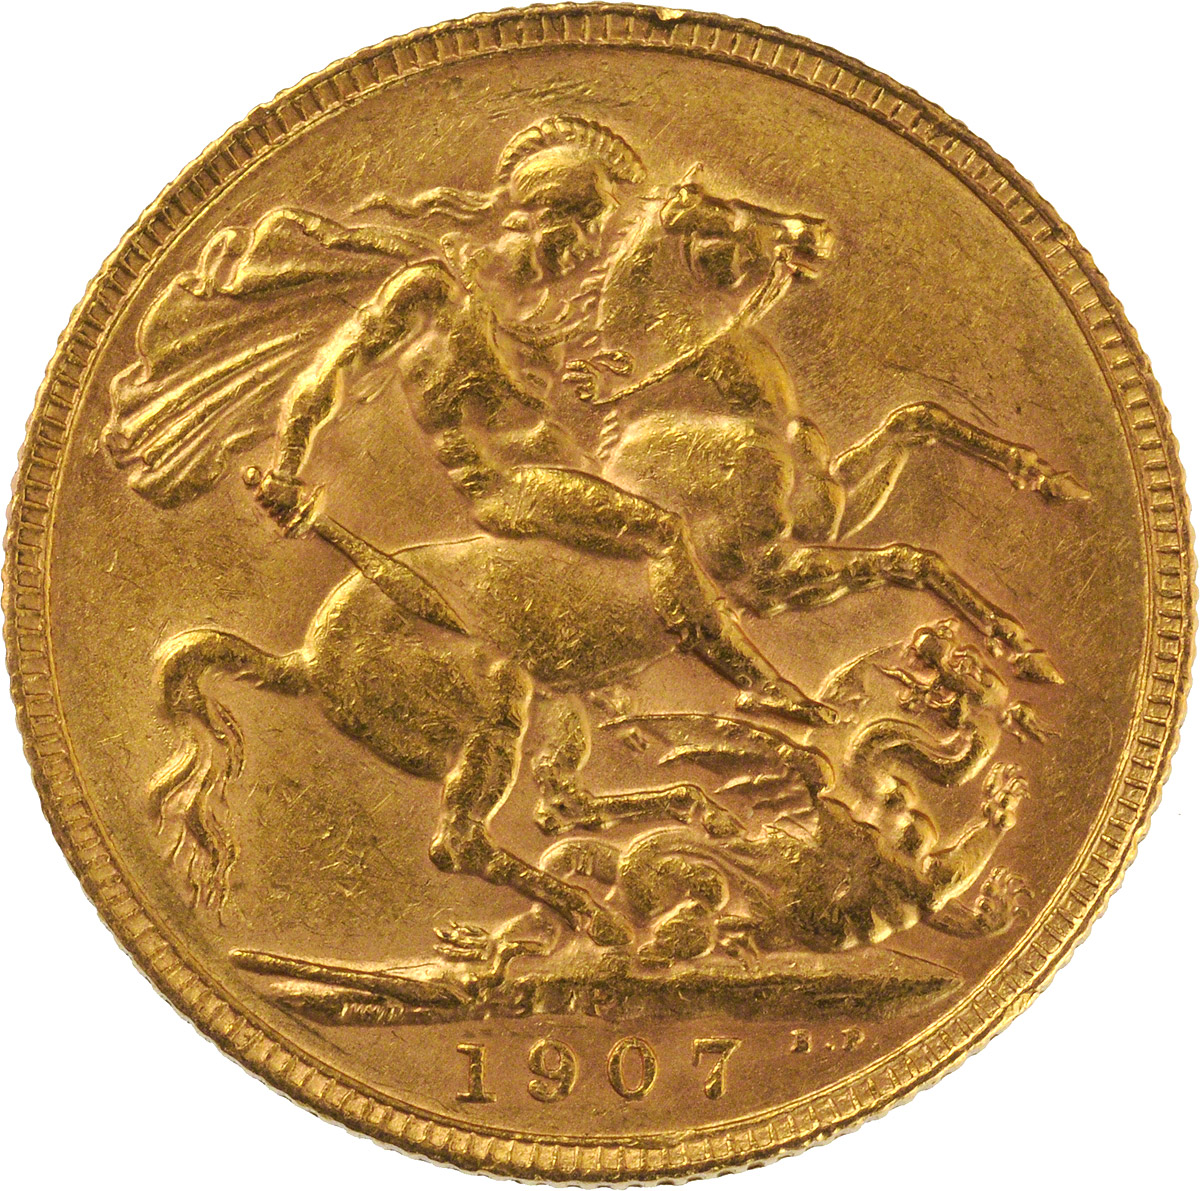 1907 Εδουάρδος Ζ' (Νομισματοκοπείο Περθ)